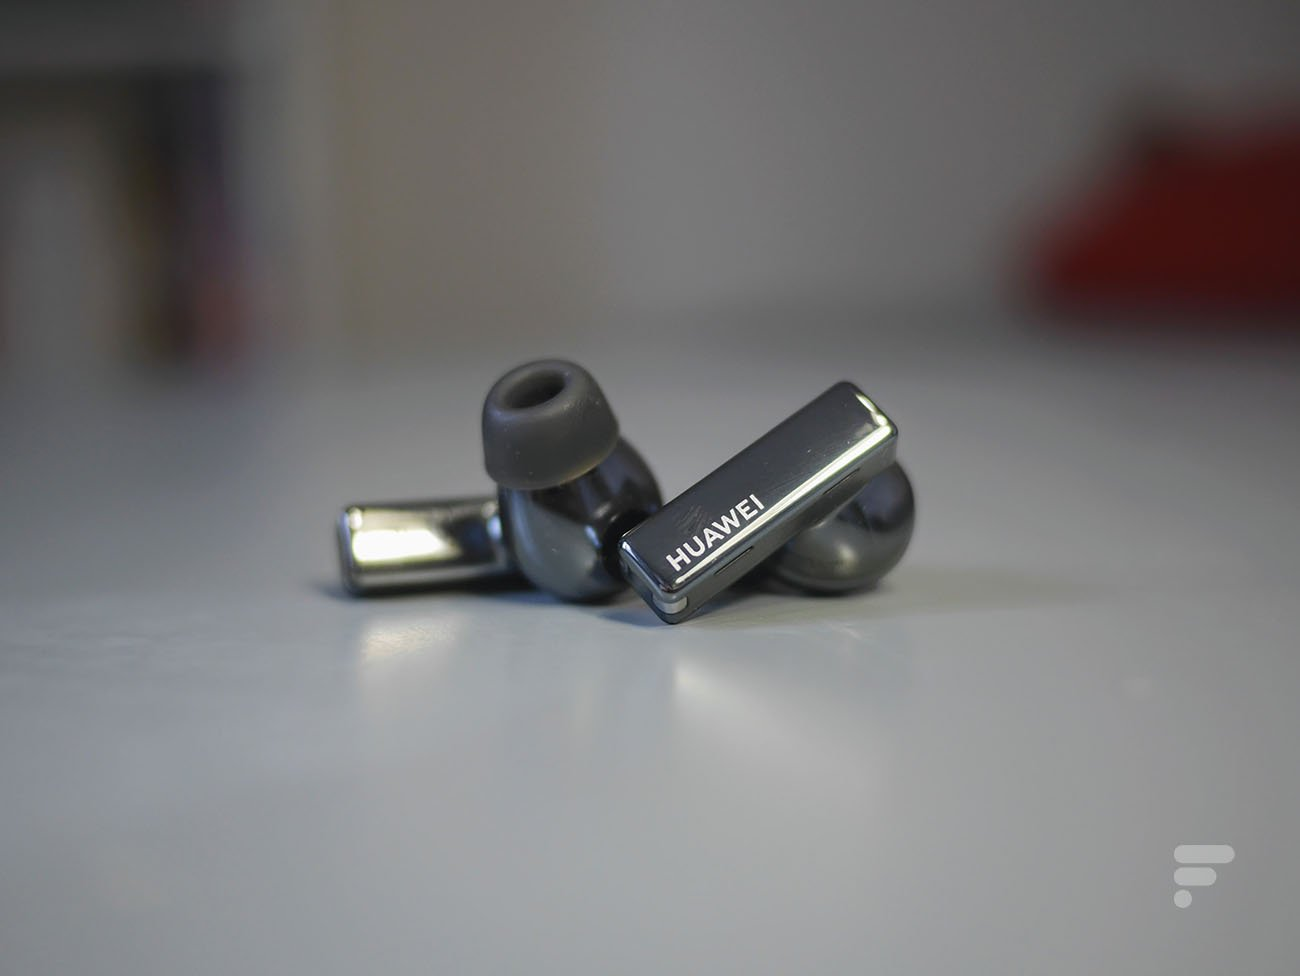 Test des Huawei Freebuds Pro: une bonne qualité audio pour une réduction de bruit correcte